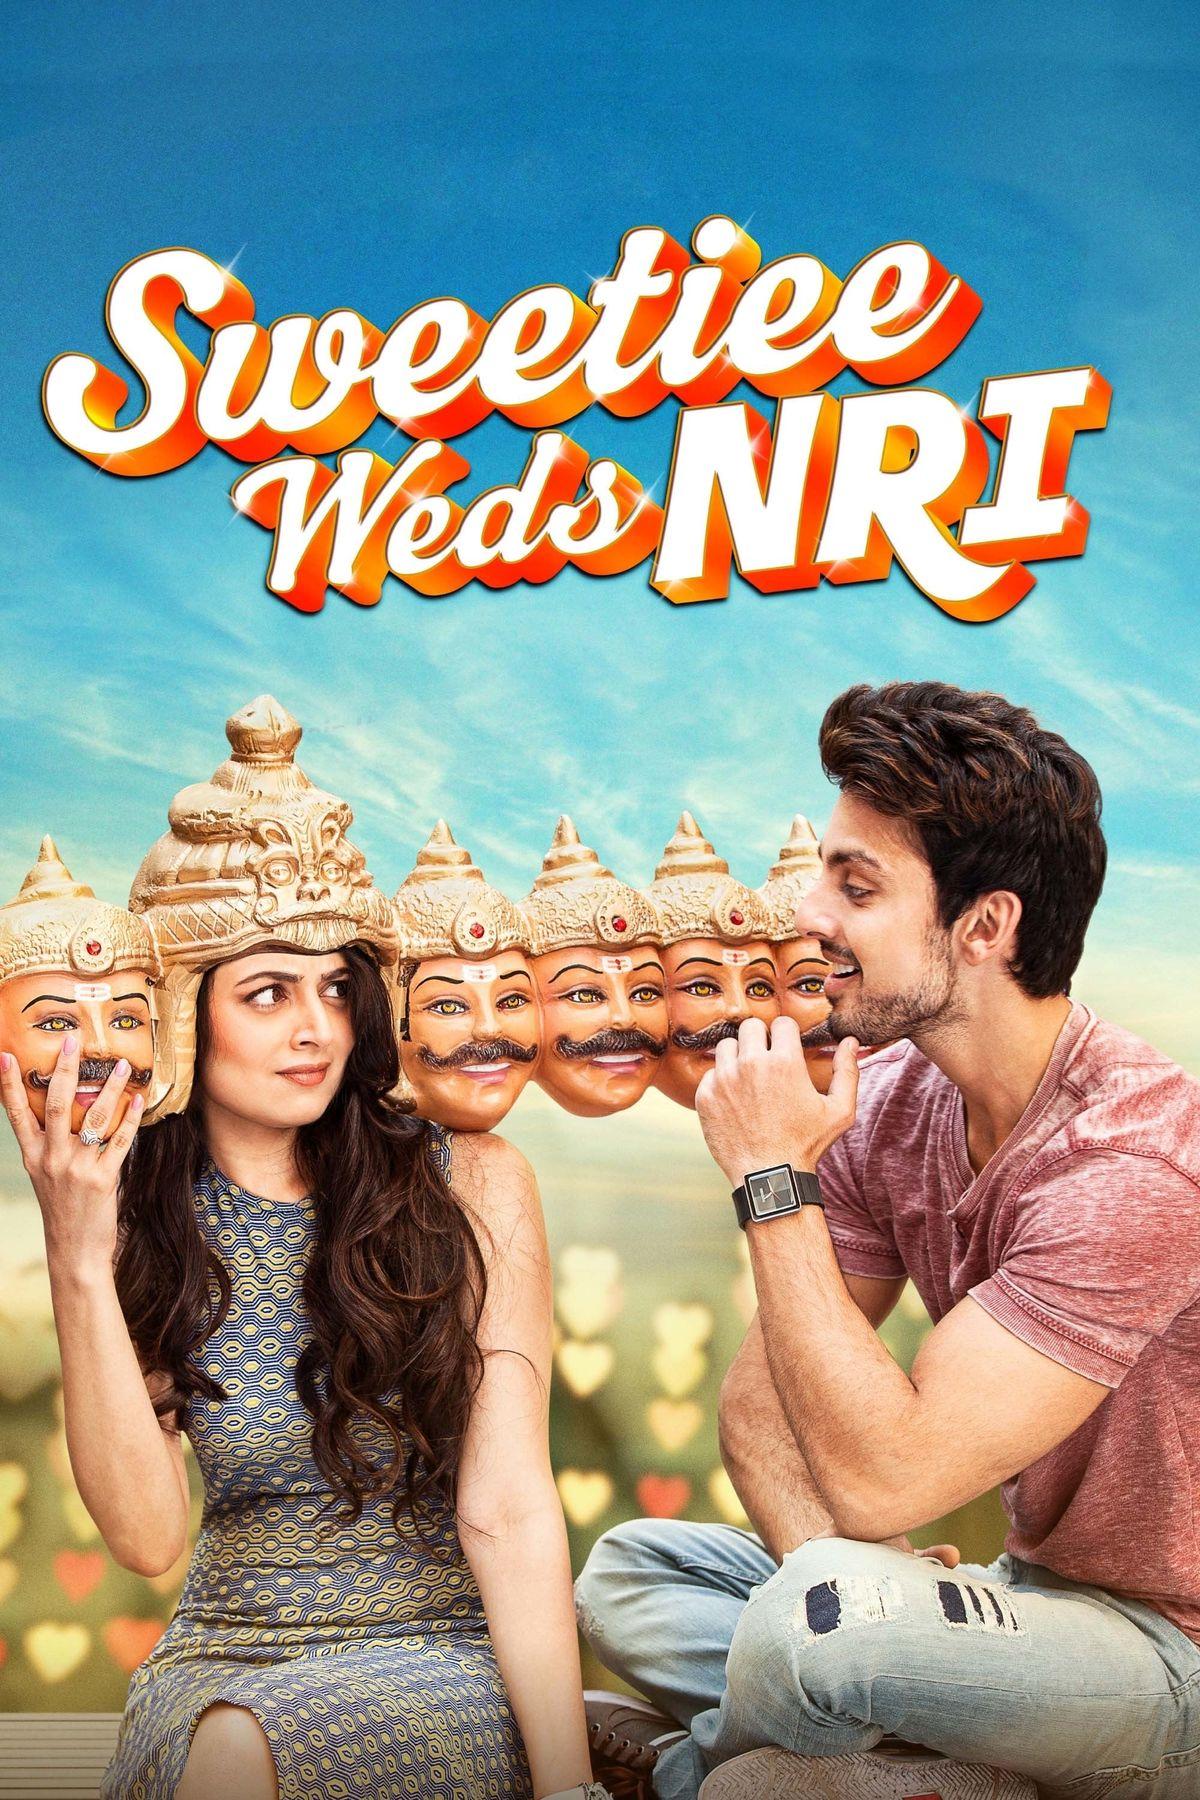 Sweetiee weds NRI